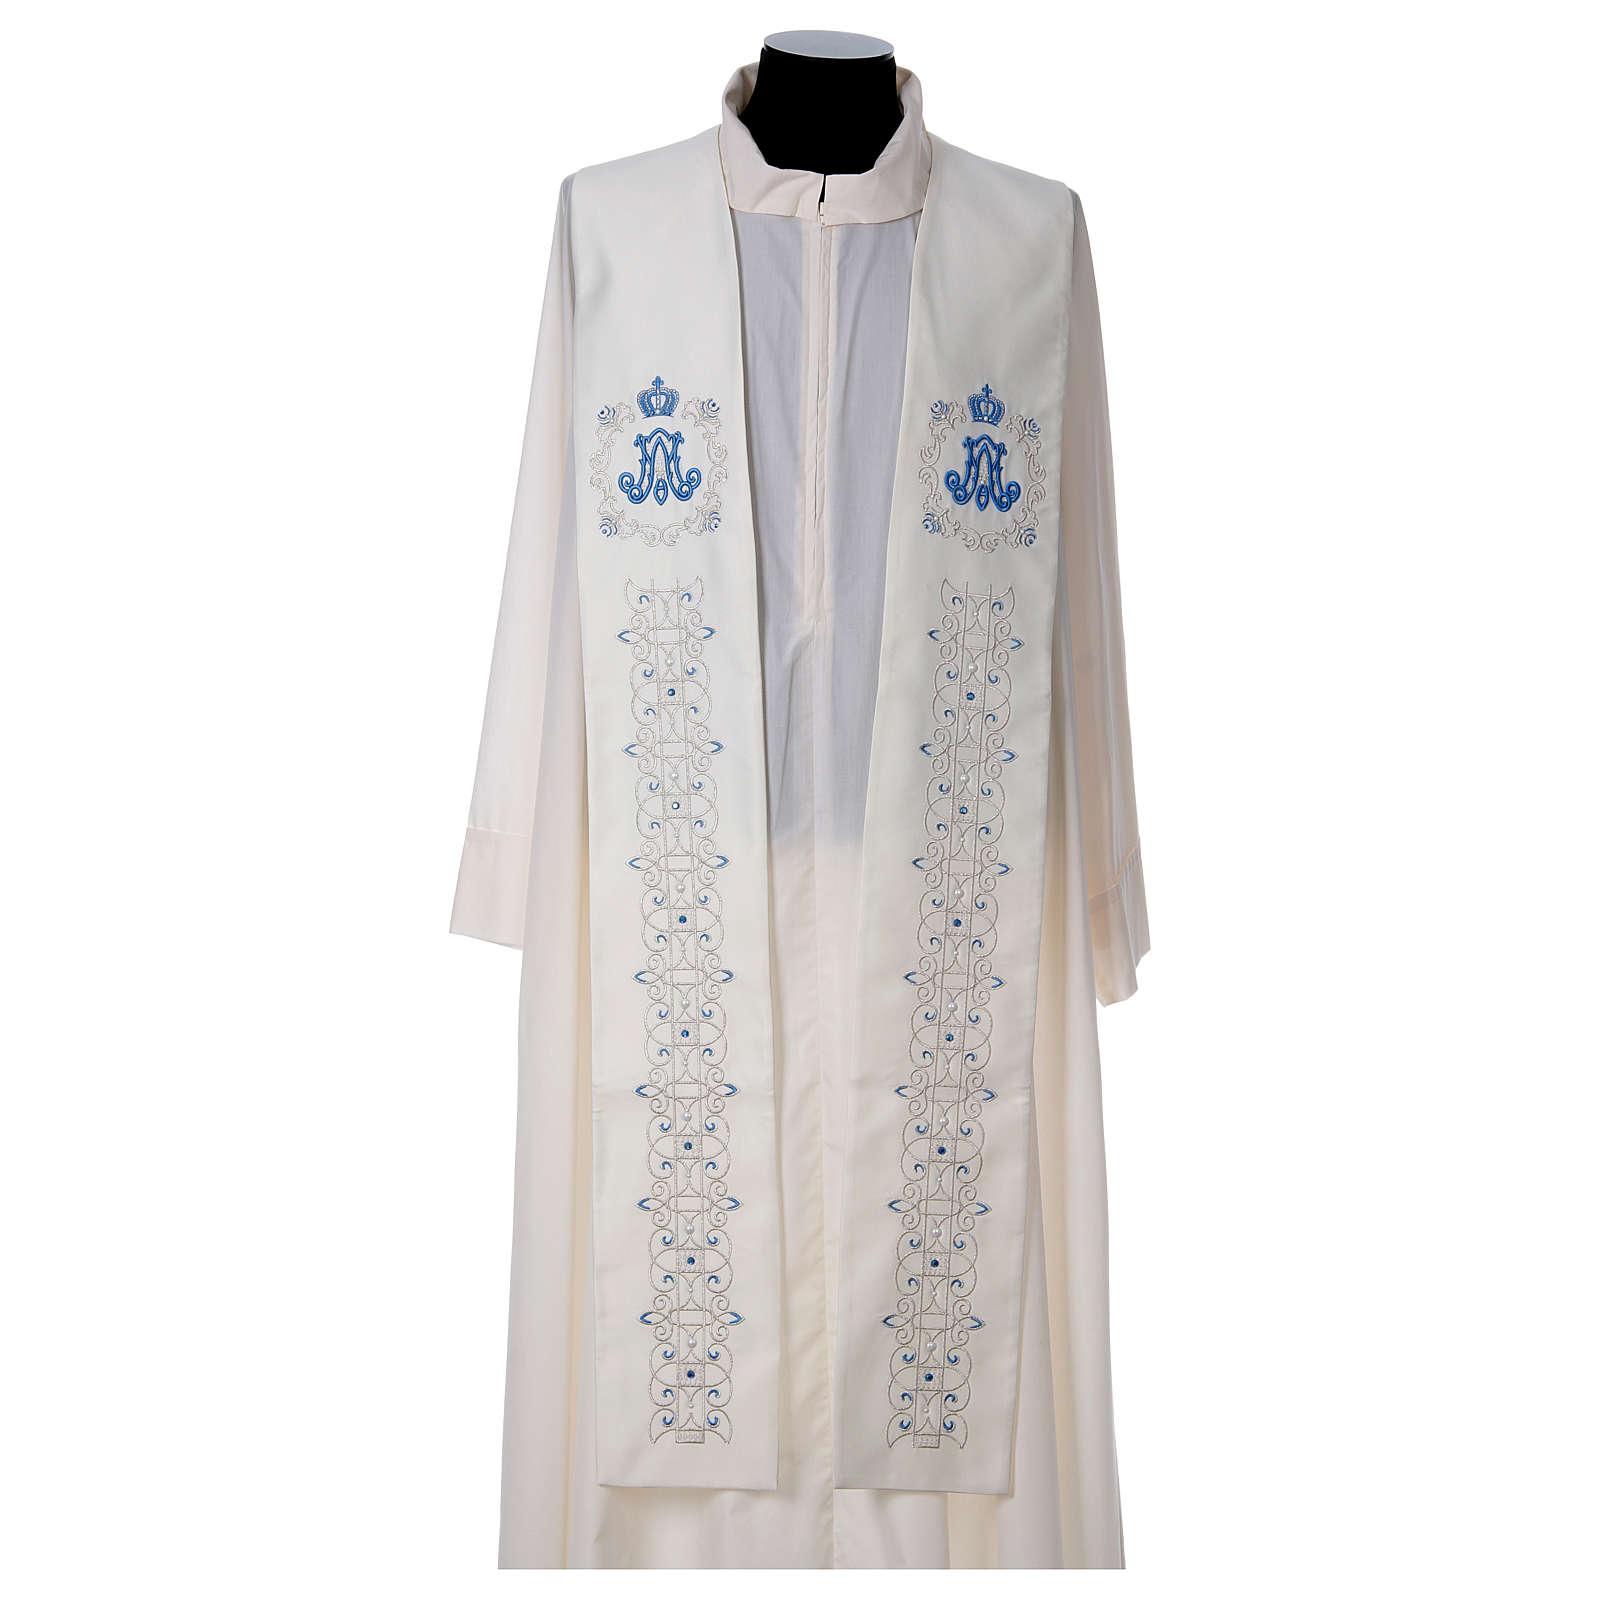 miglior fornitore scopri le ultime tendenze qualità incredibile Stole with Marian symbol